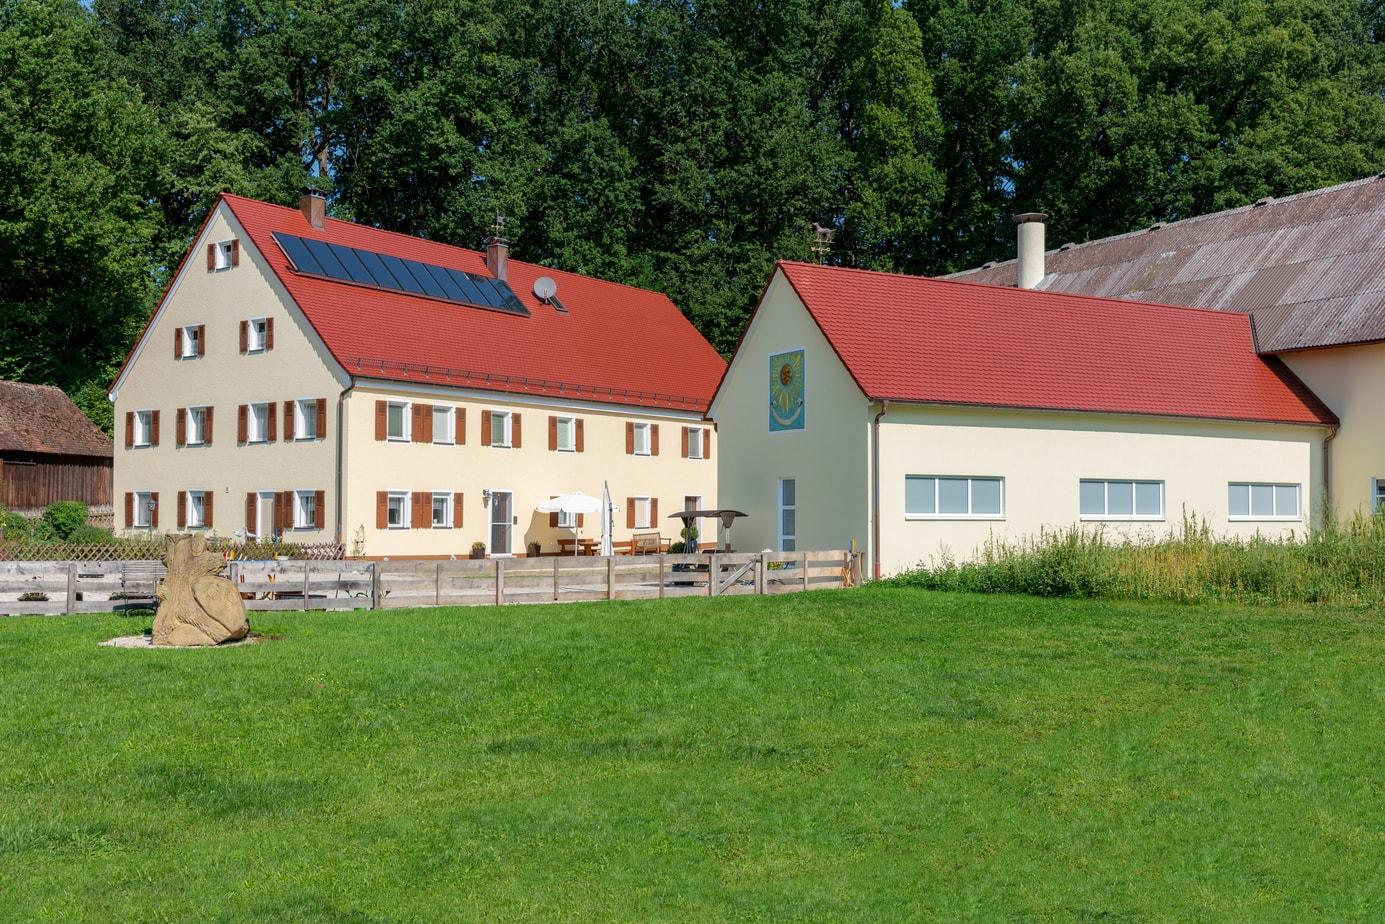 Immobilienfoto mit Außenanlage